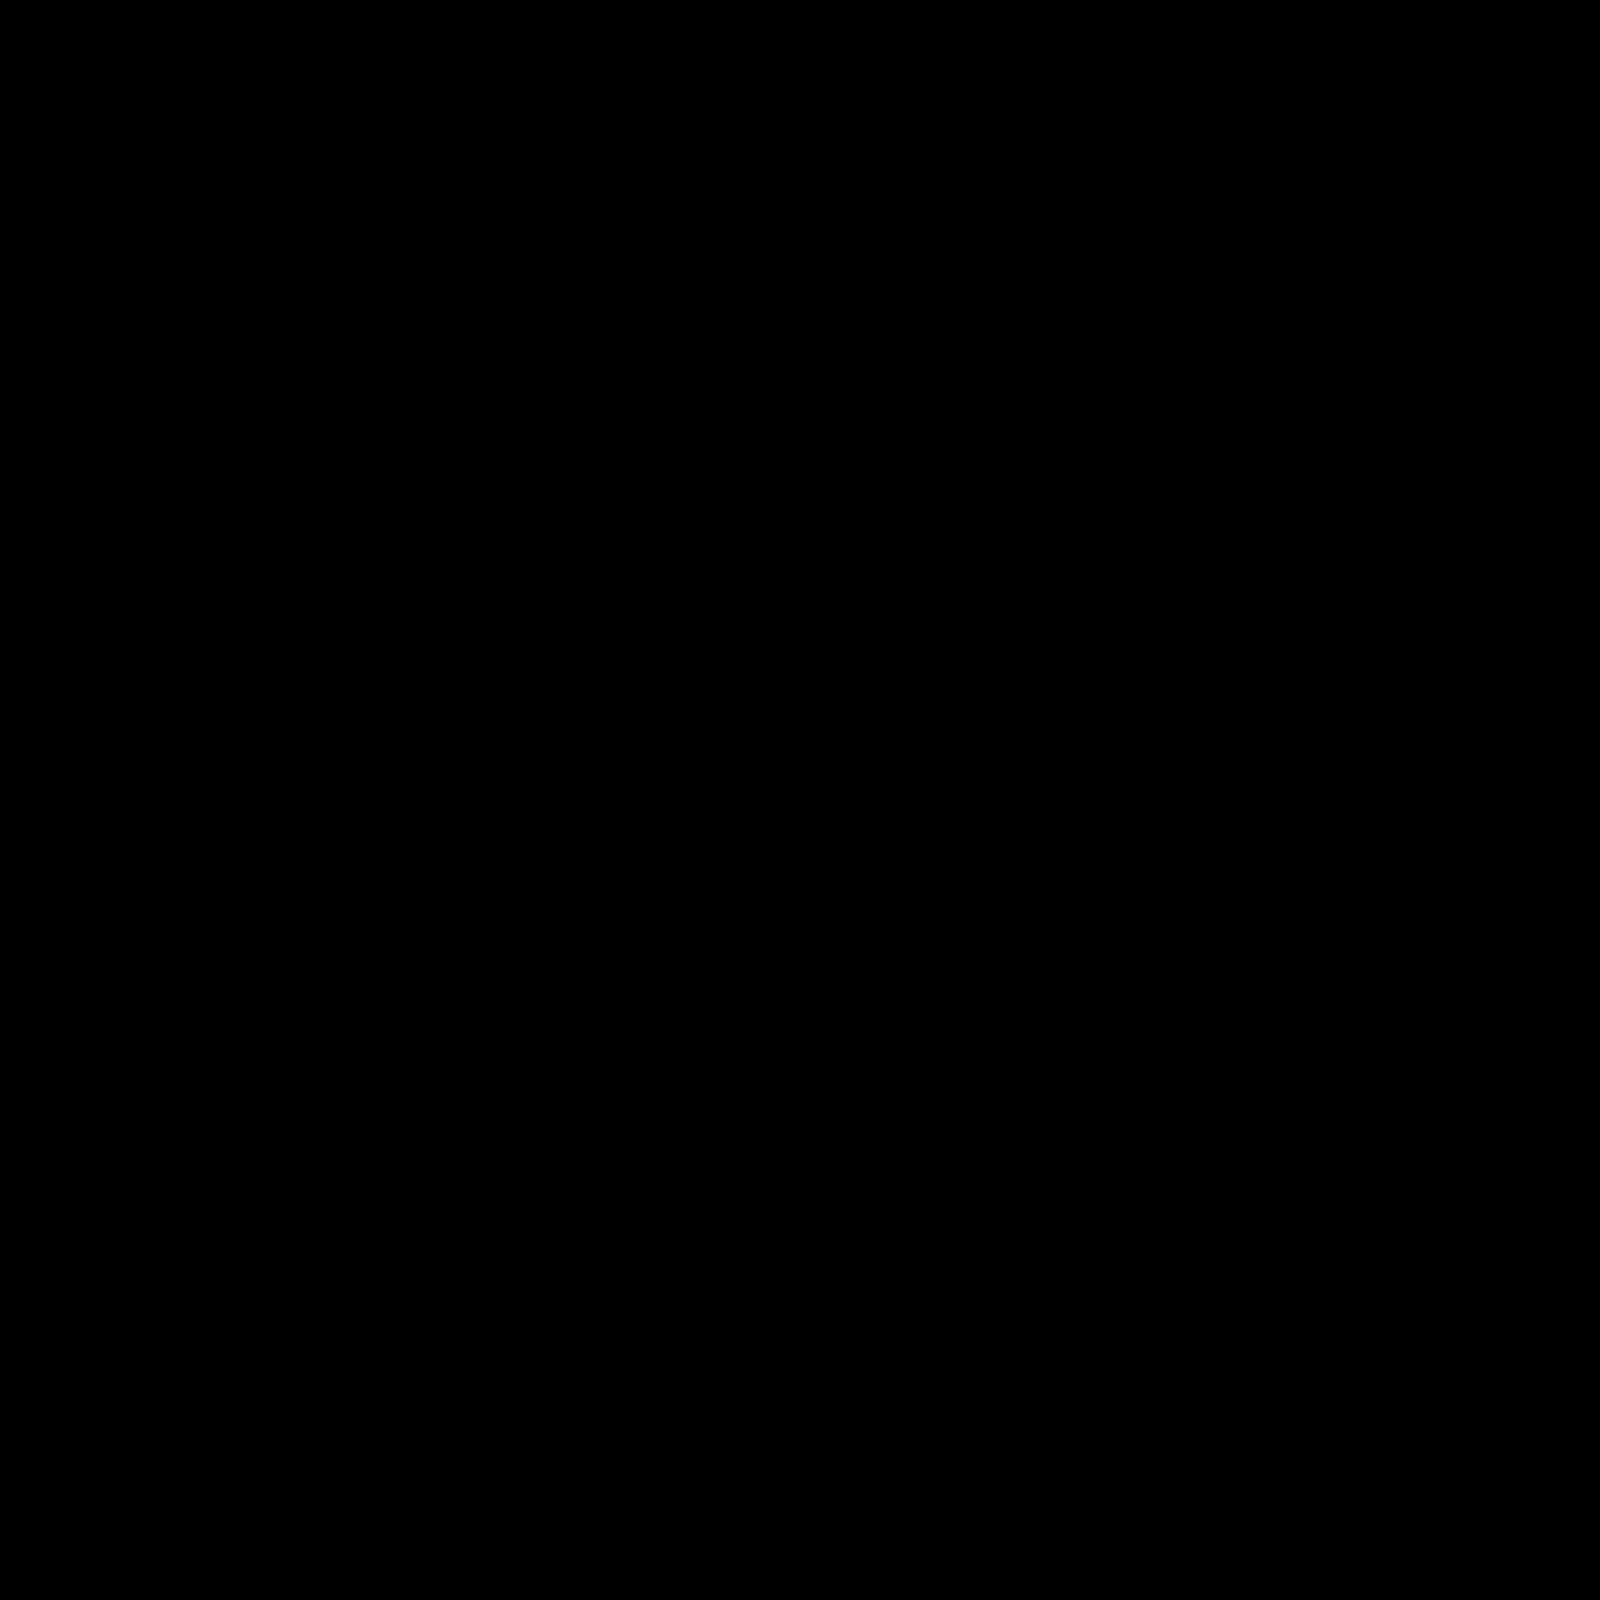 Welder icon